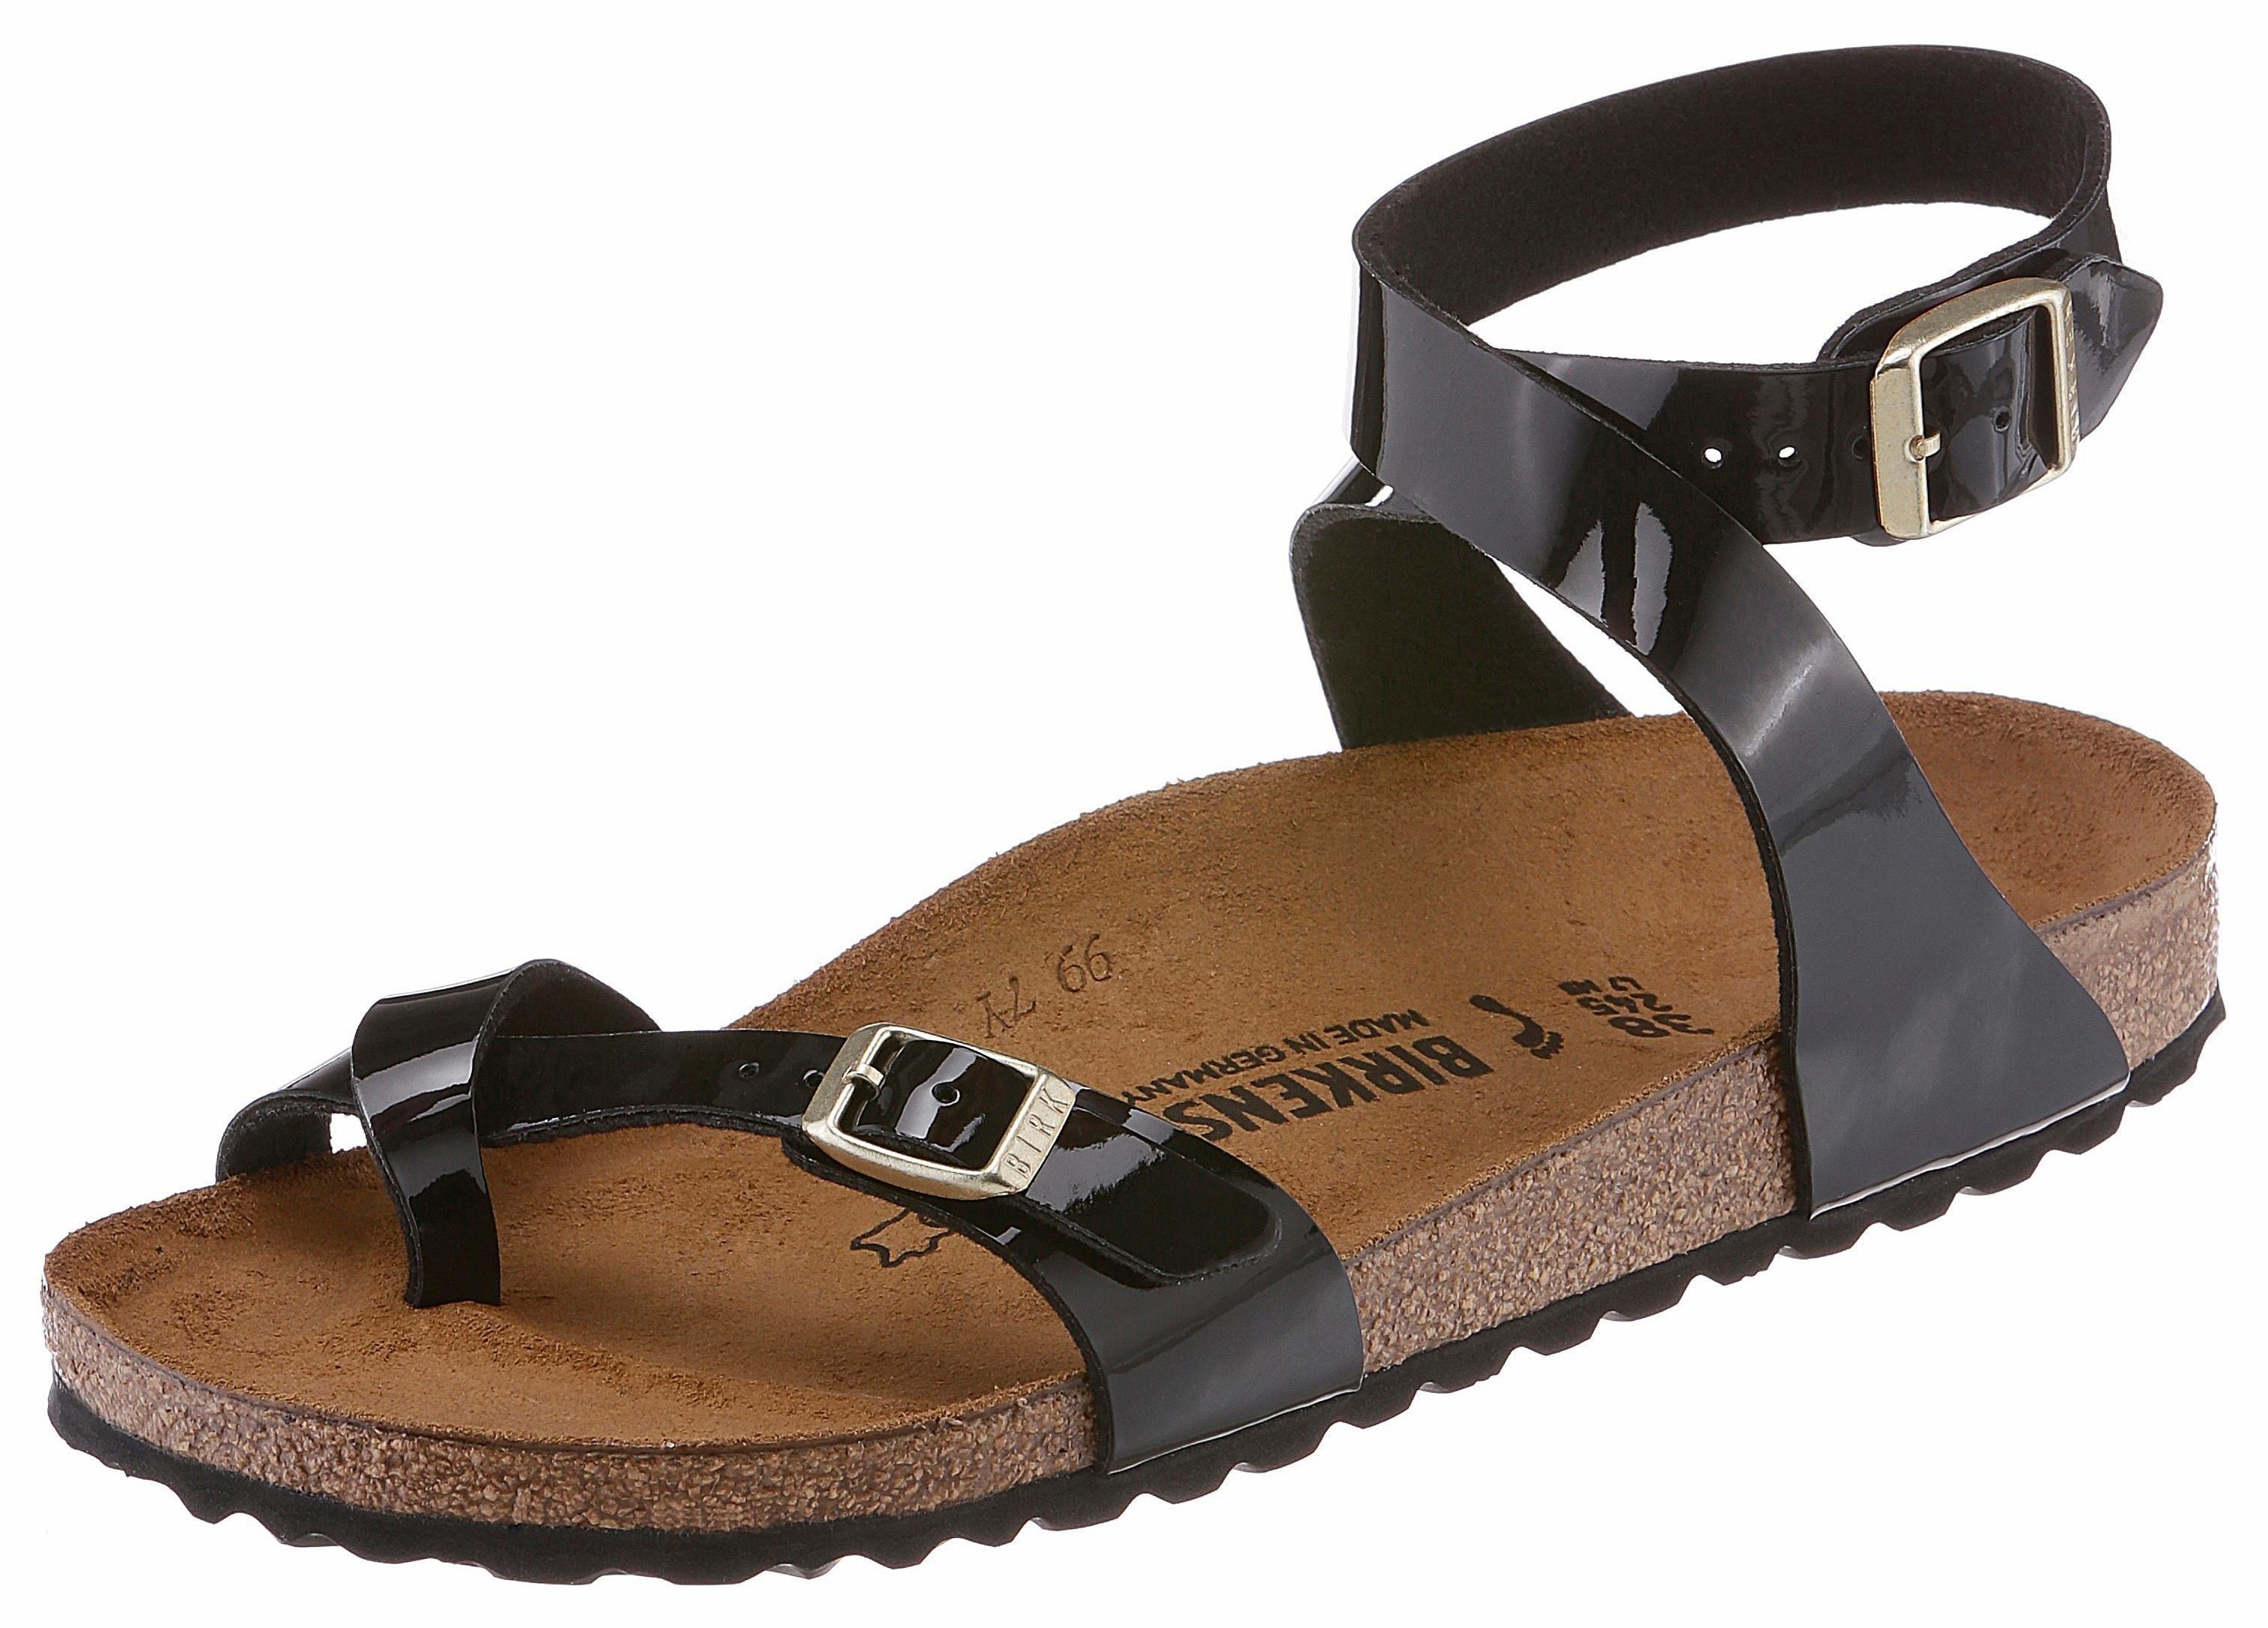 Birkenstock sandalen »Yara« nu online kopen bij OTTO